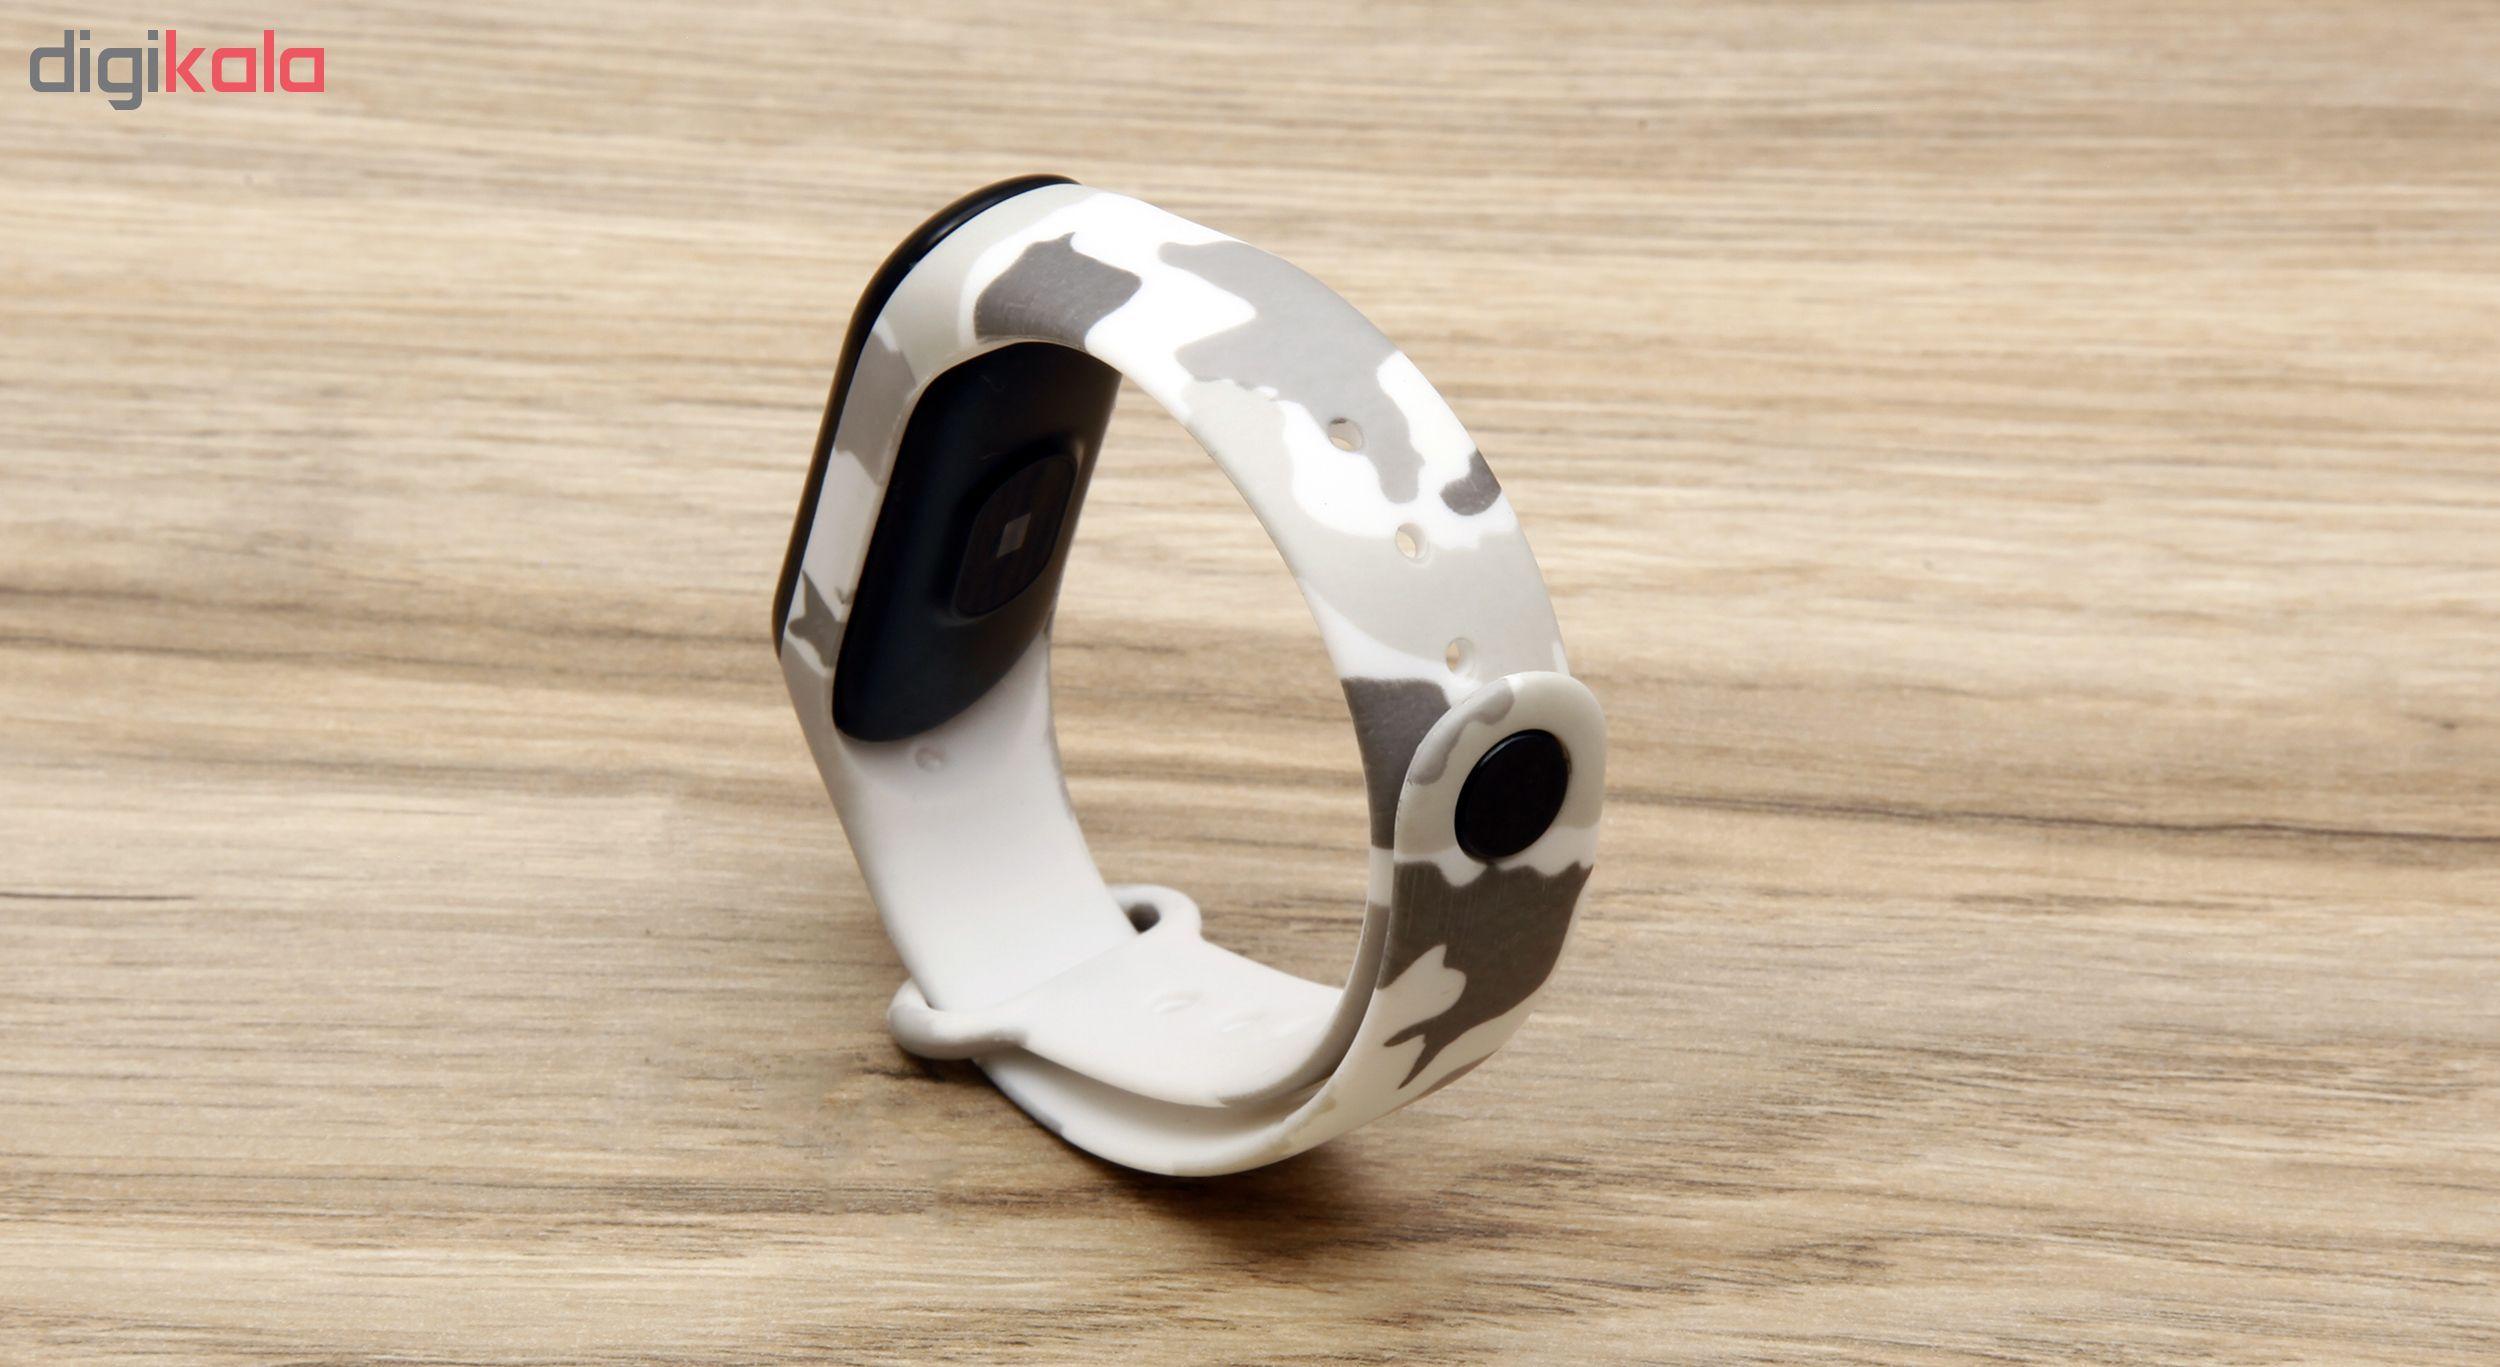 بند مچ بند هوشمند سومگ مدل SMG-S3 مناسب برای مچ بند هوشمند شیائومی Mi Band 4 main 1 8